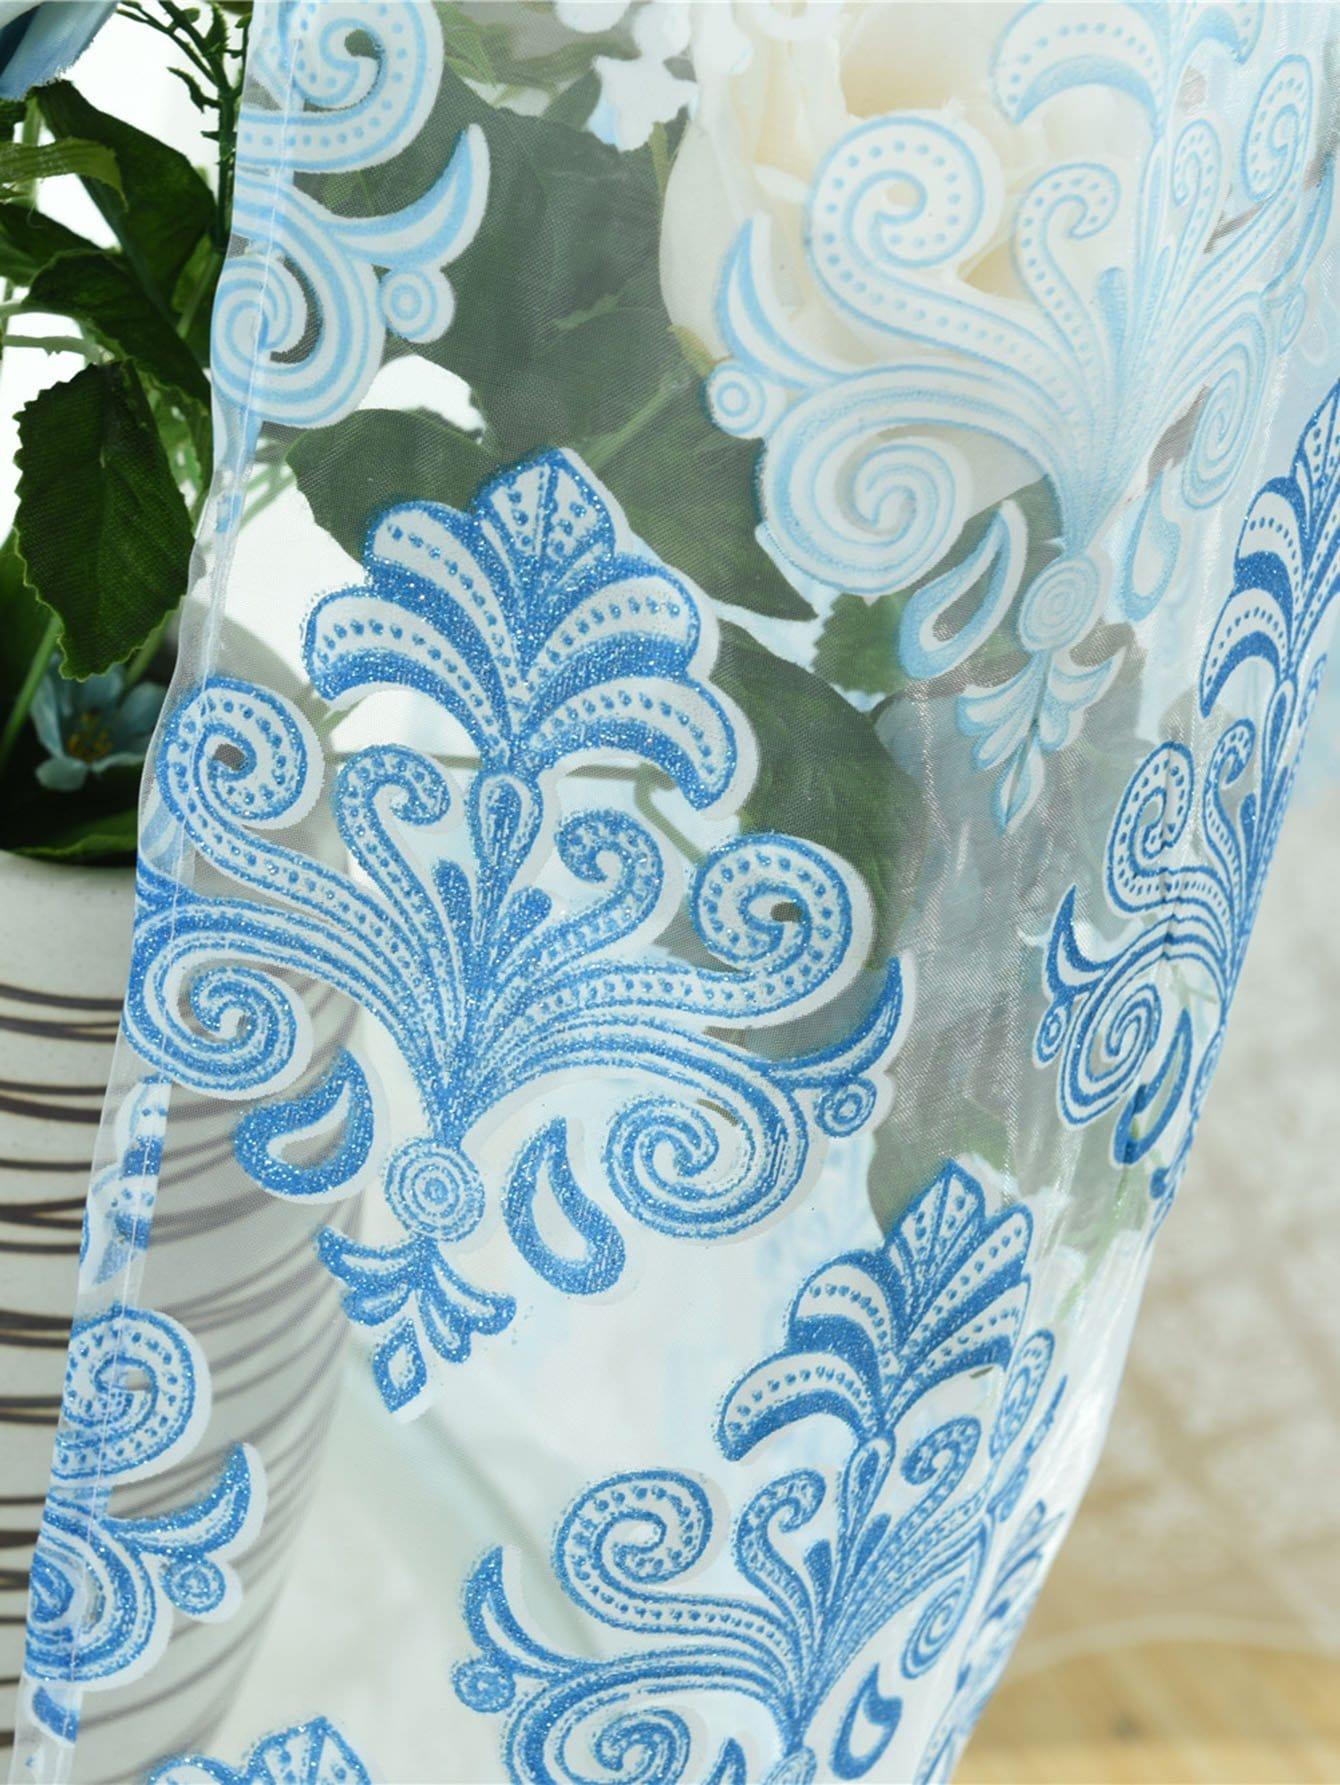 Vorhang 1pc mit Blumenmuster und Tülle - German romwe